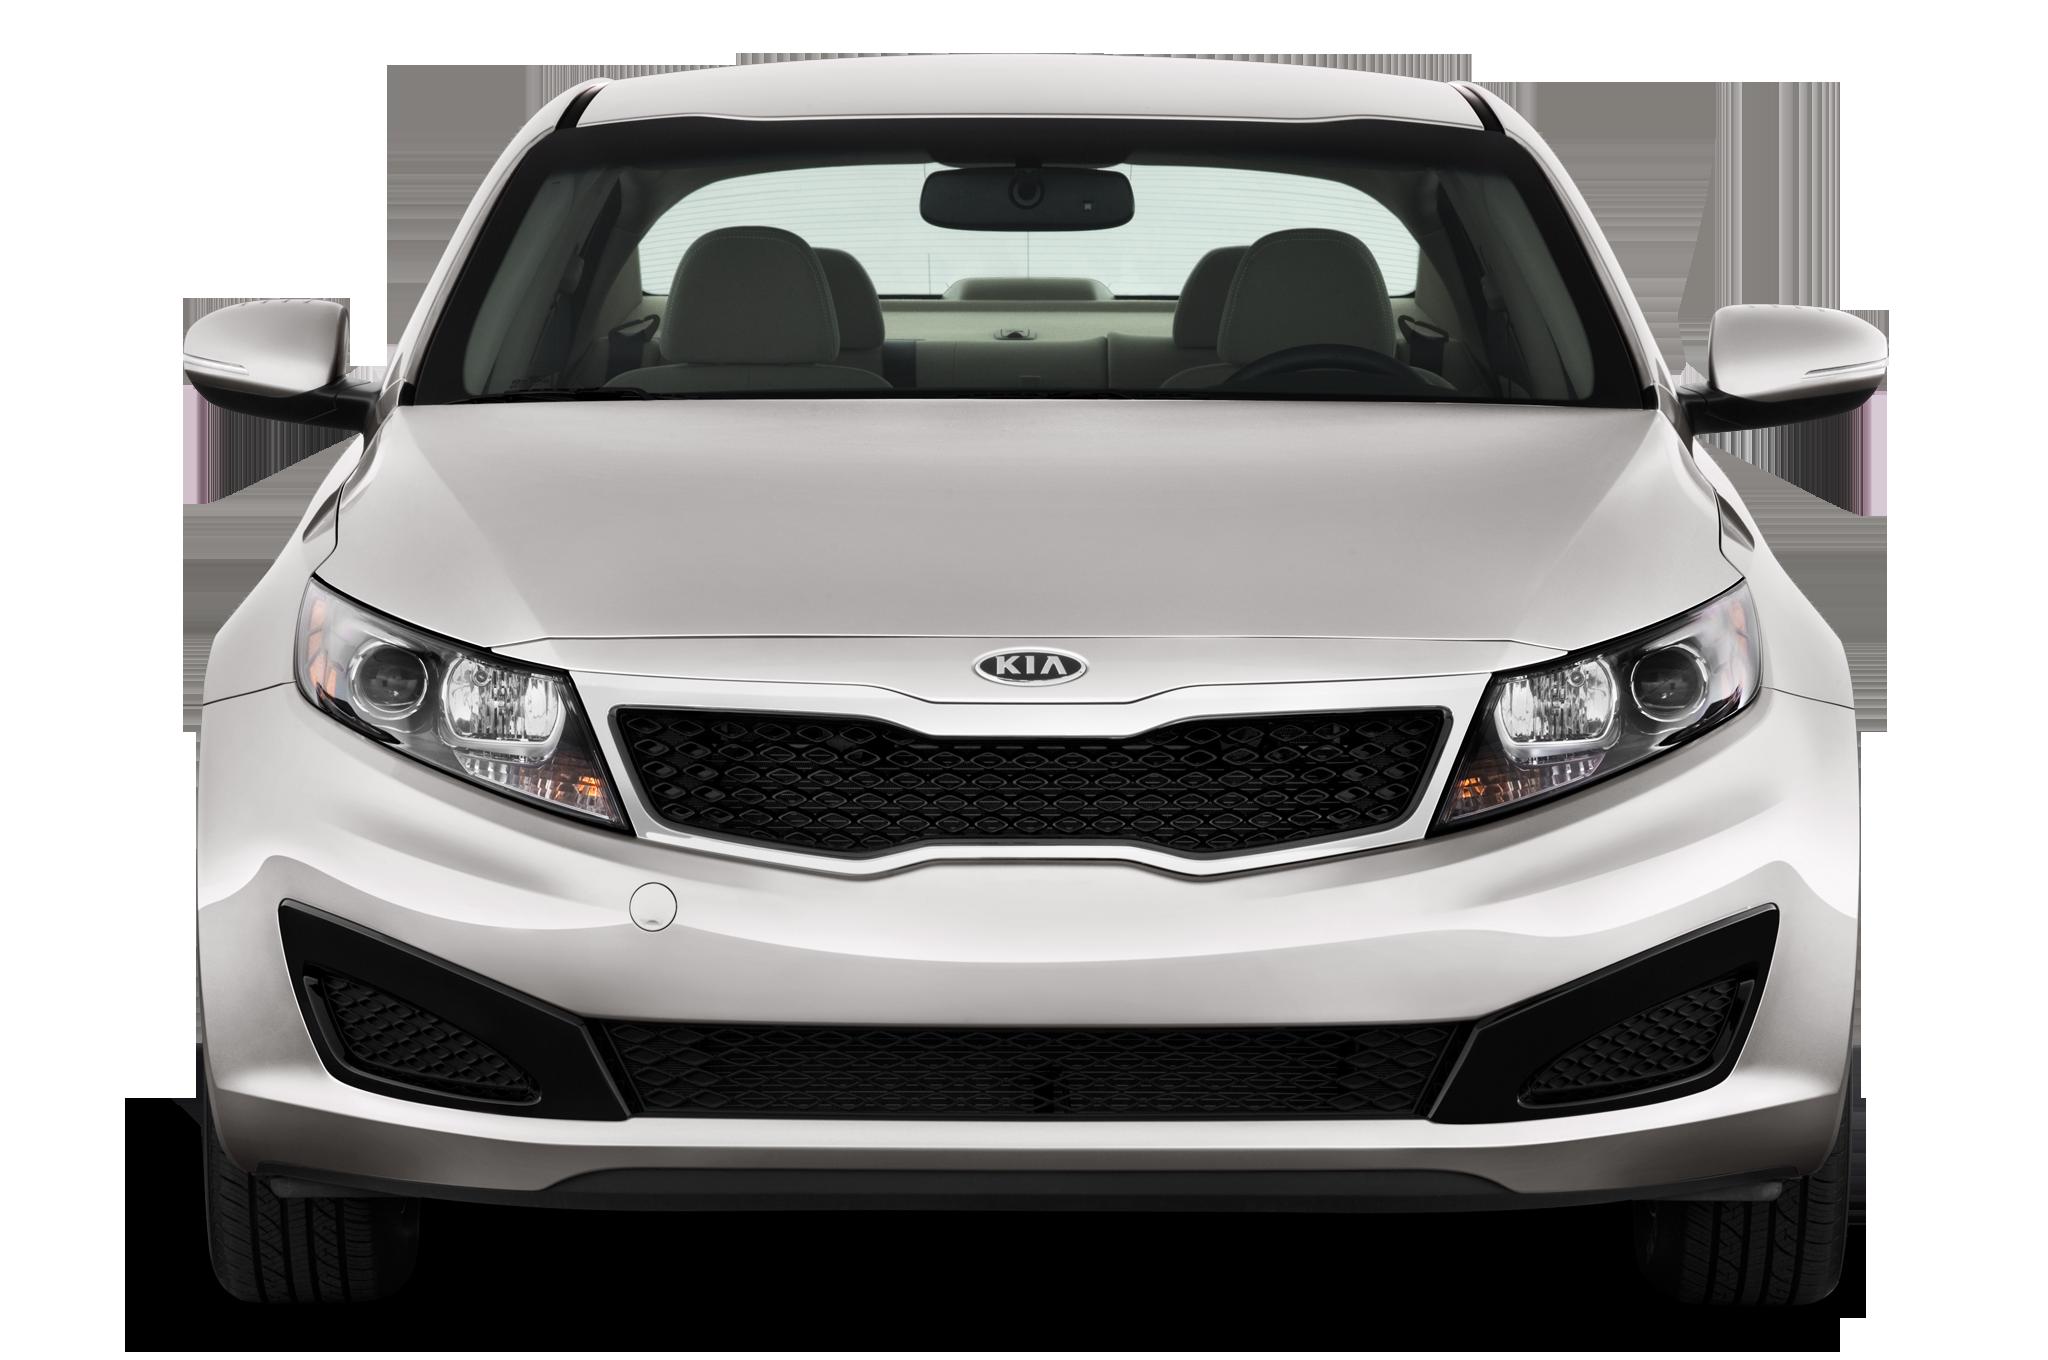 Kia Png Image Kia Kia Motors Image